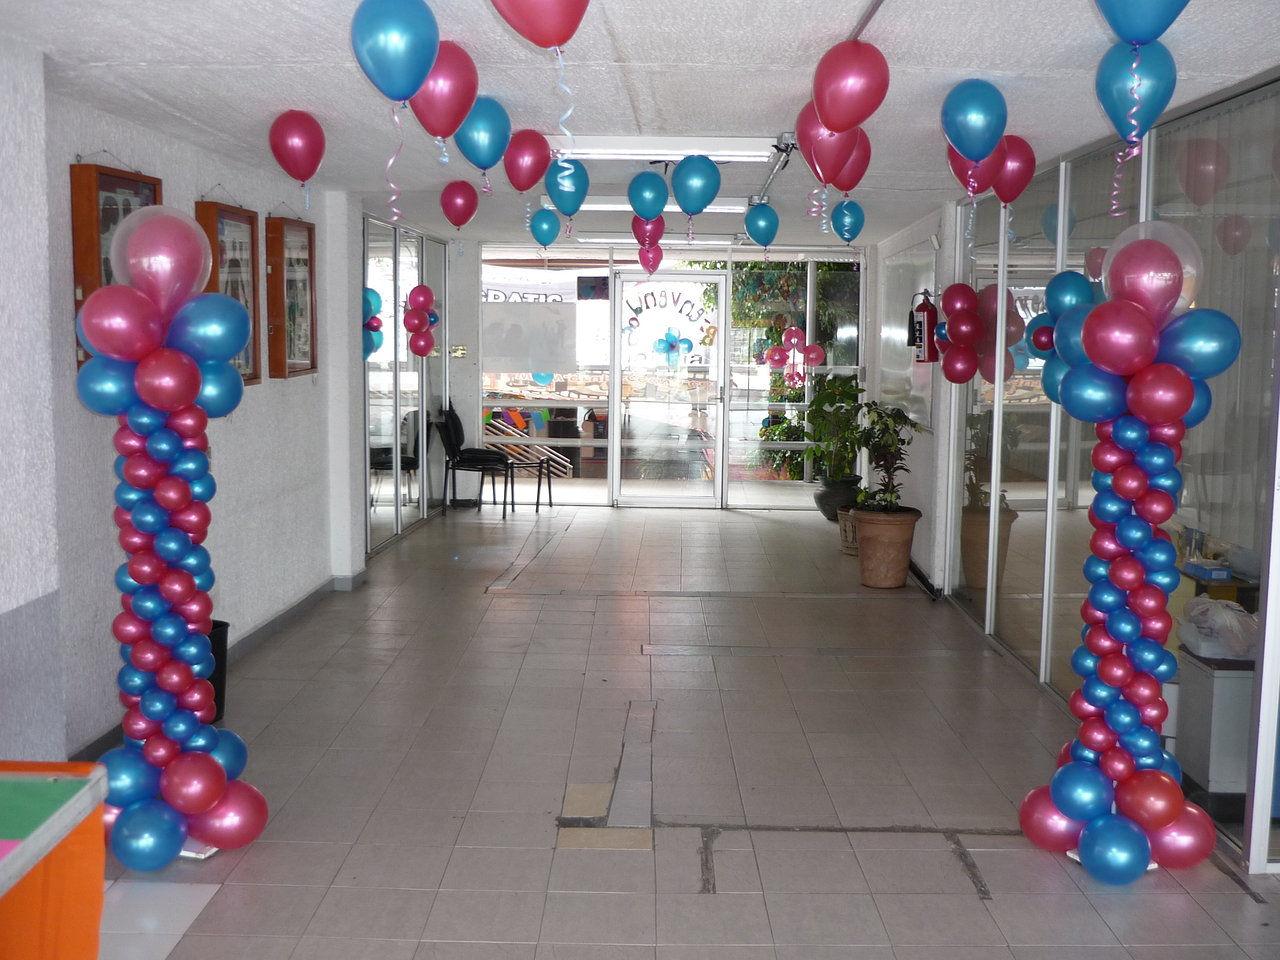 Decoracion con globos para 15 a os en jardin for Decoracion en jardin para 15 anos